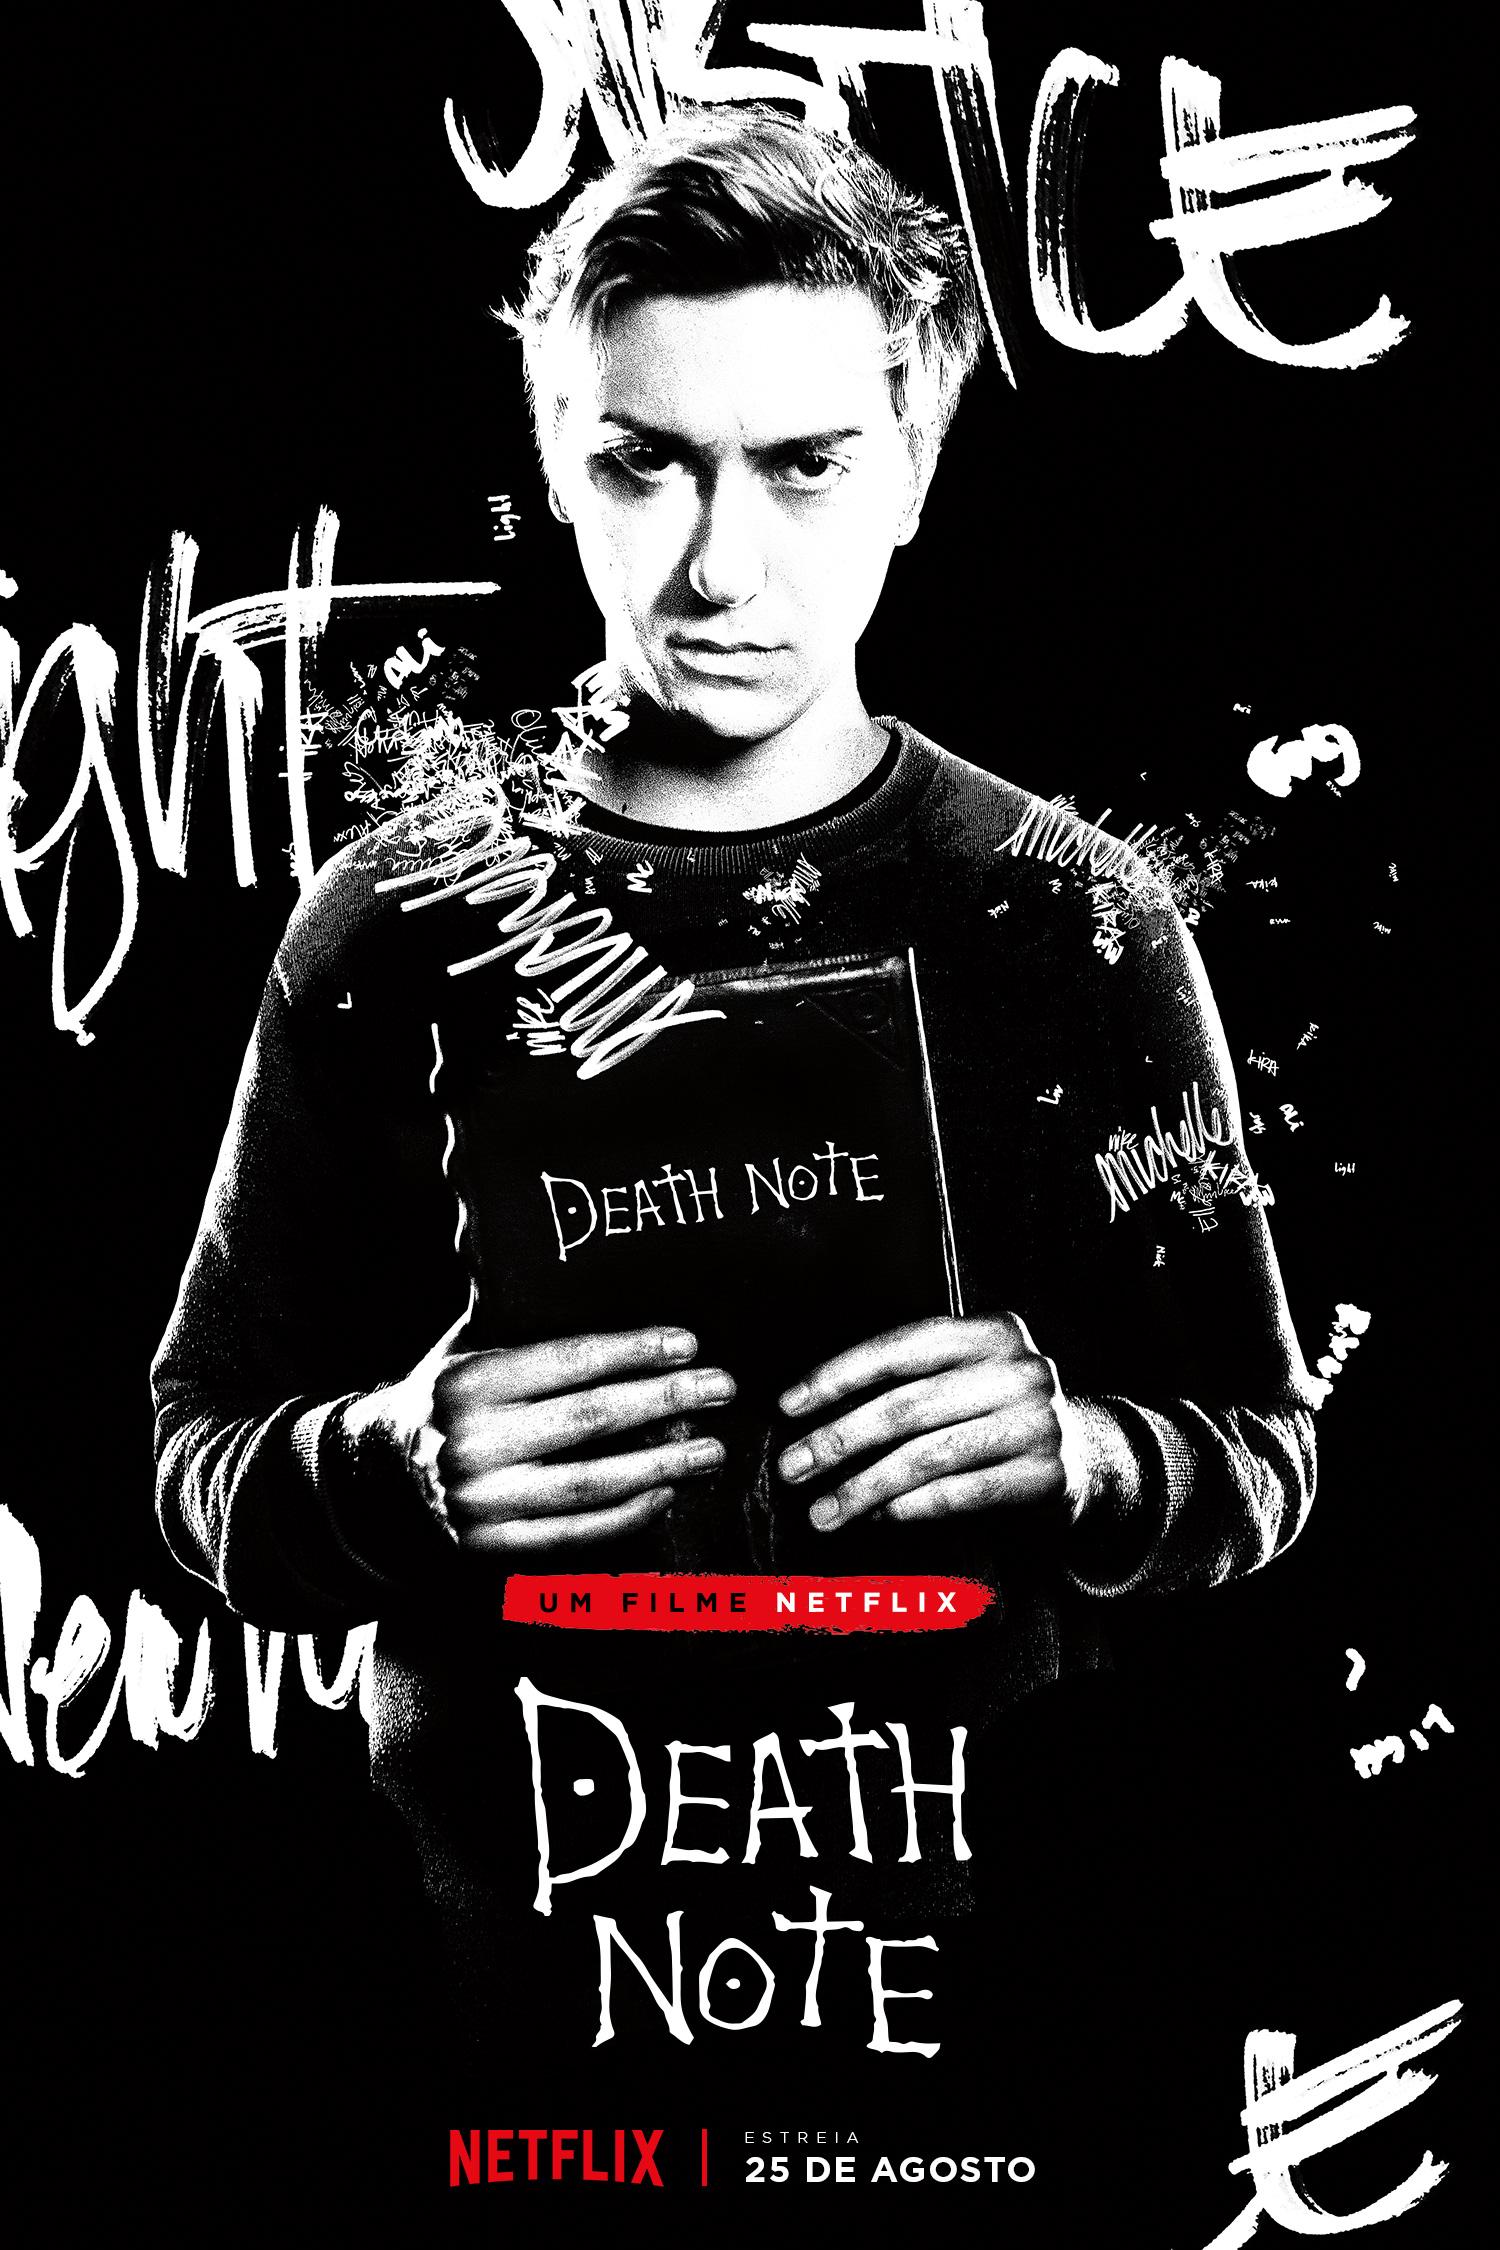 Netflix divulga nova cena da adaptação de Death Note onde Light conhece Ryuk